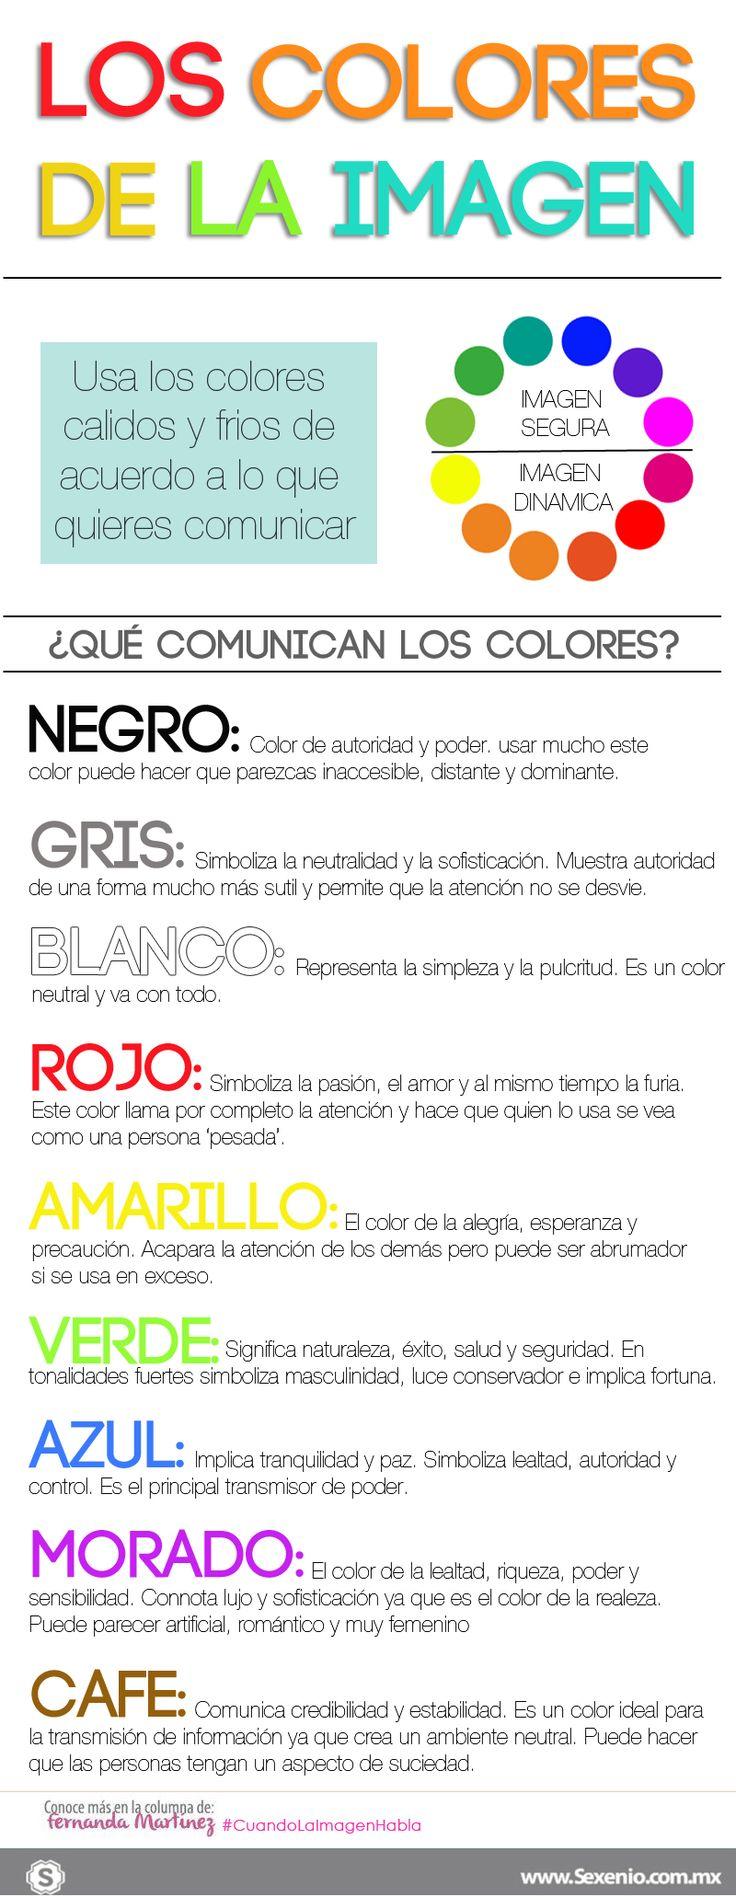 Con esta guía aprende a utilizar los colores en tu imagen de acuerdo a lo que estas intentando comunicar.